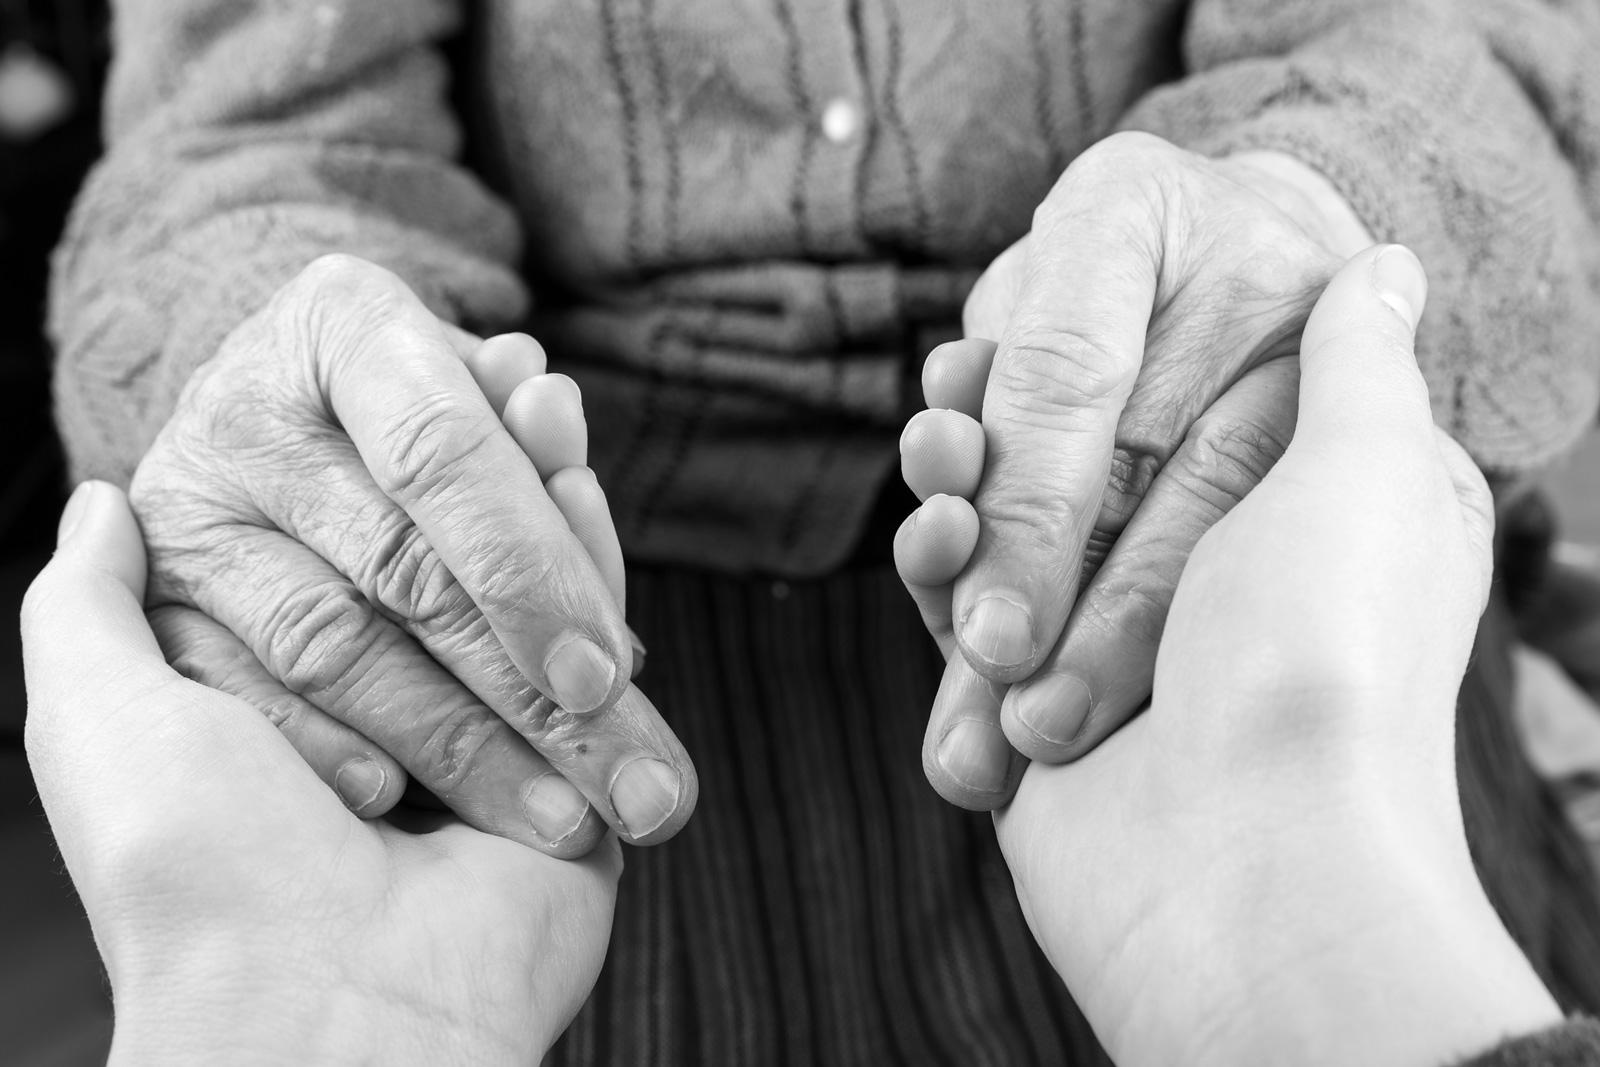 Die meisten pflegebefürftigen Menchen werden durch Angehörige versorgt.